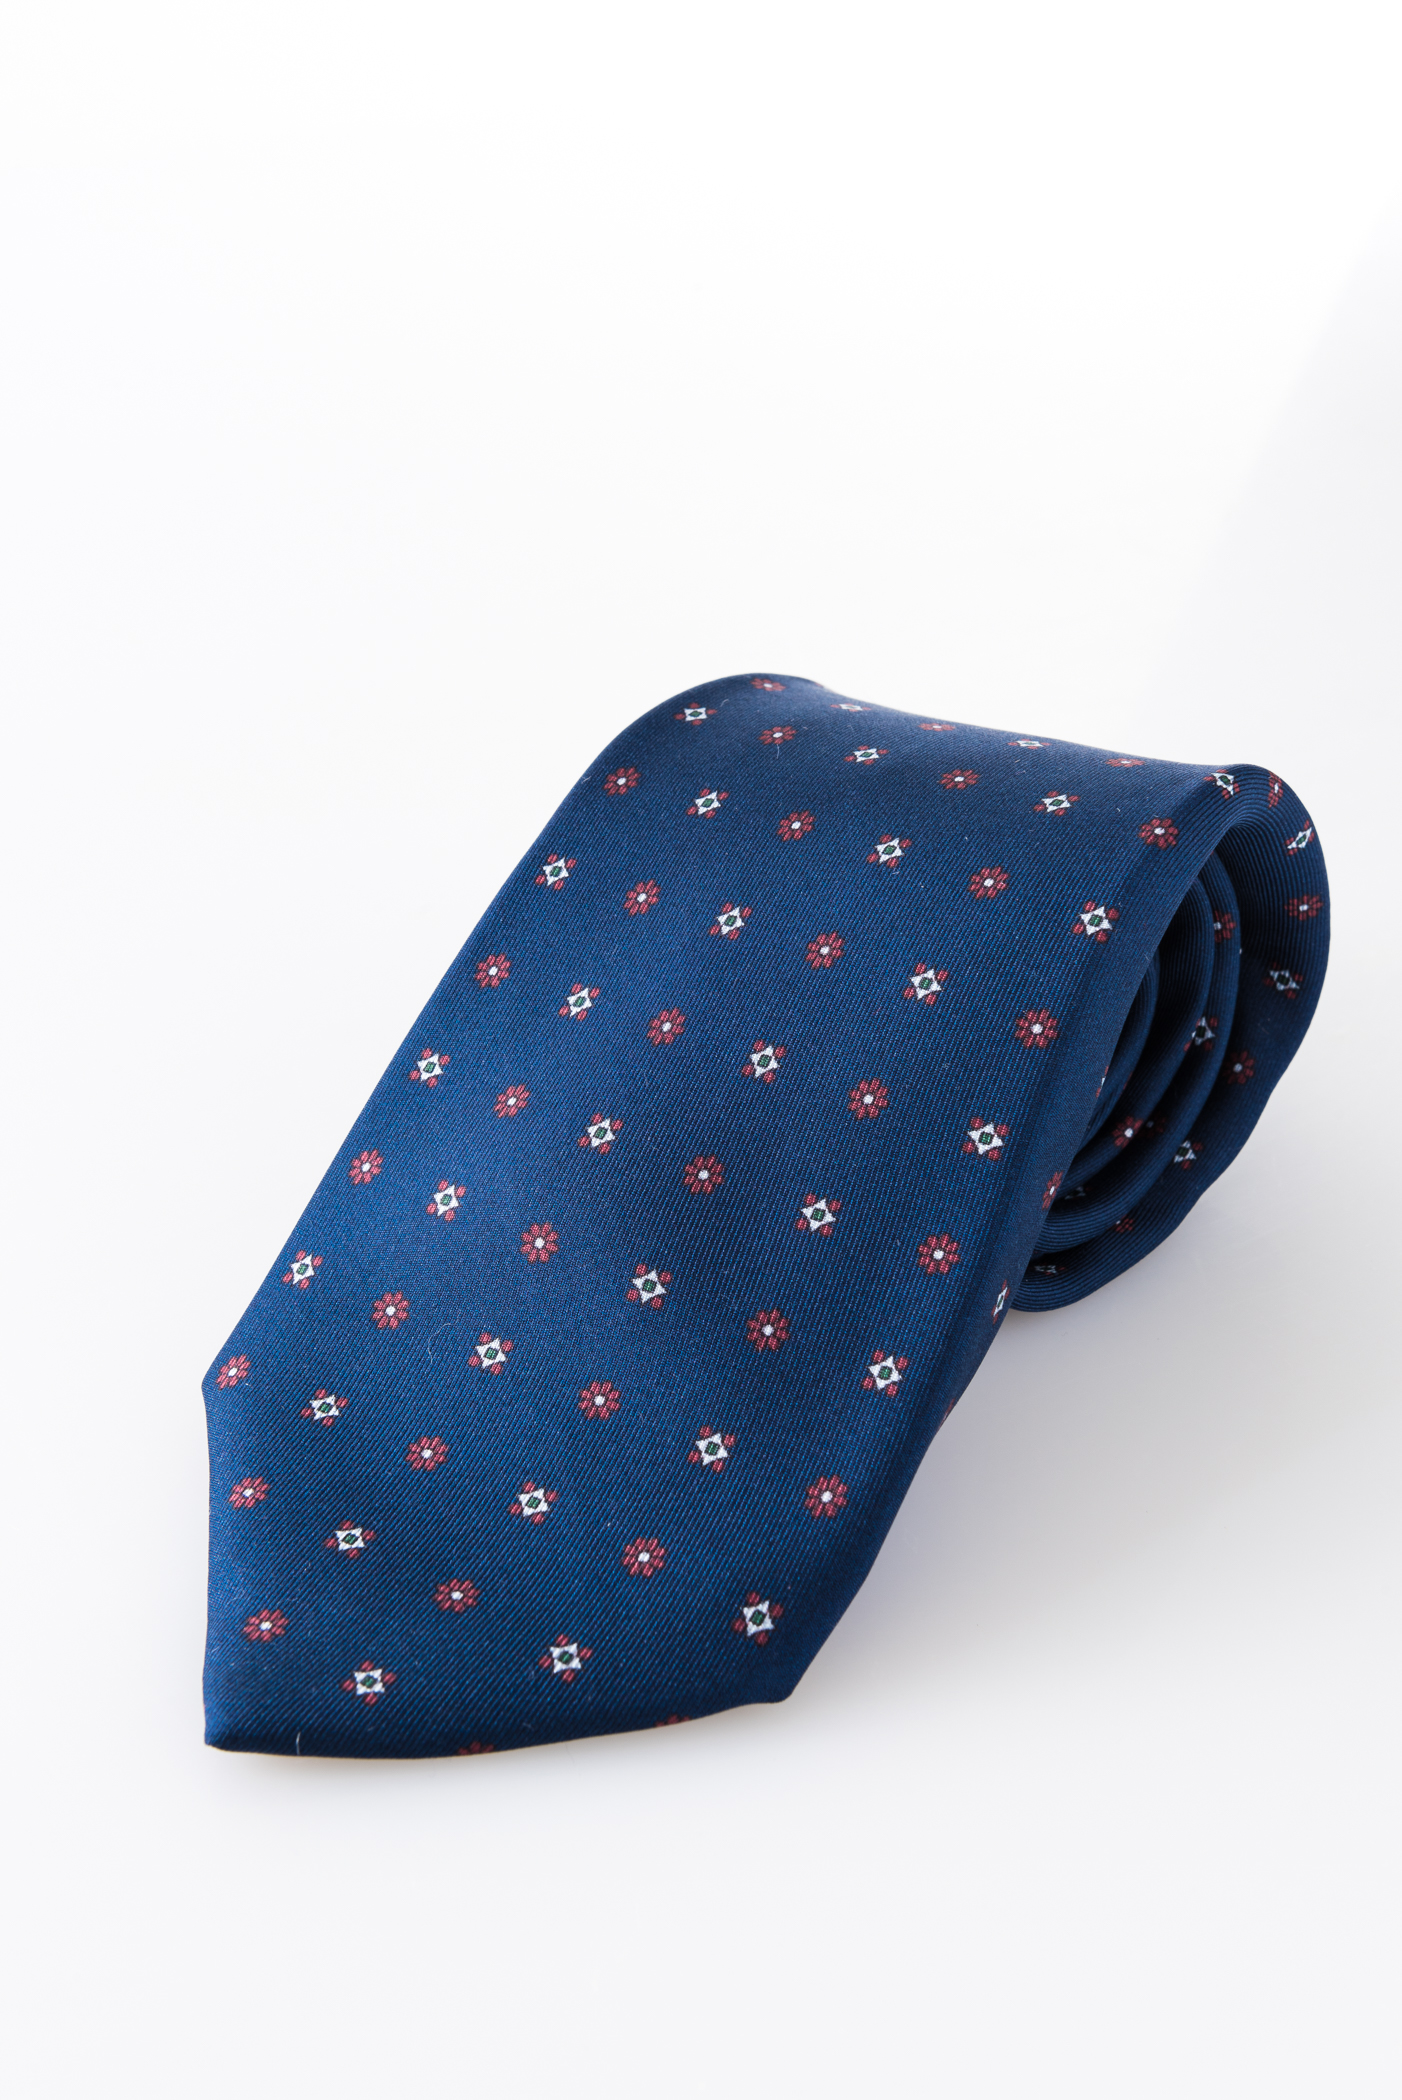 Seven-fold Tie – Susanna Blu